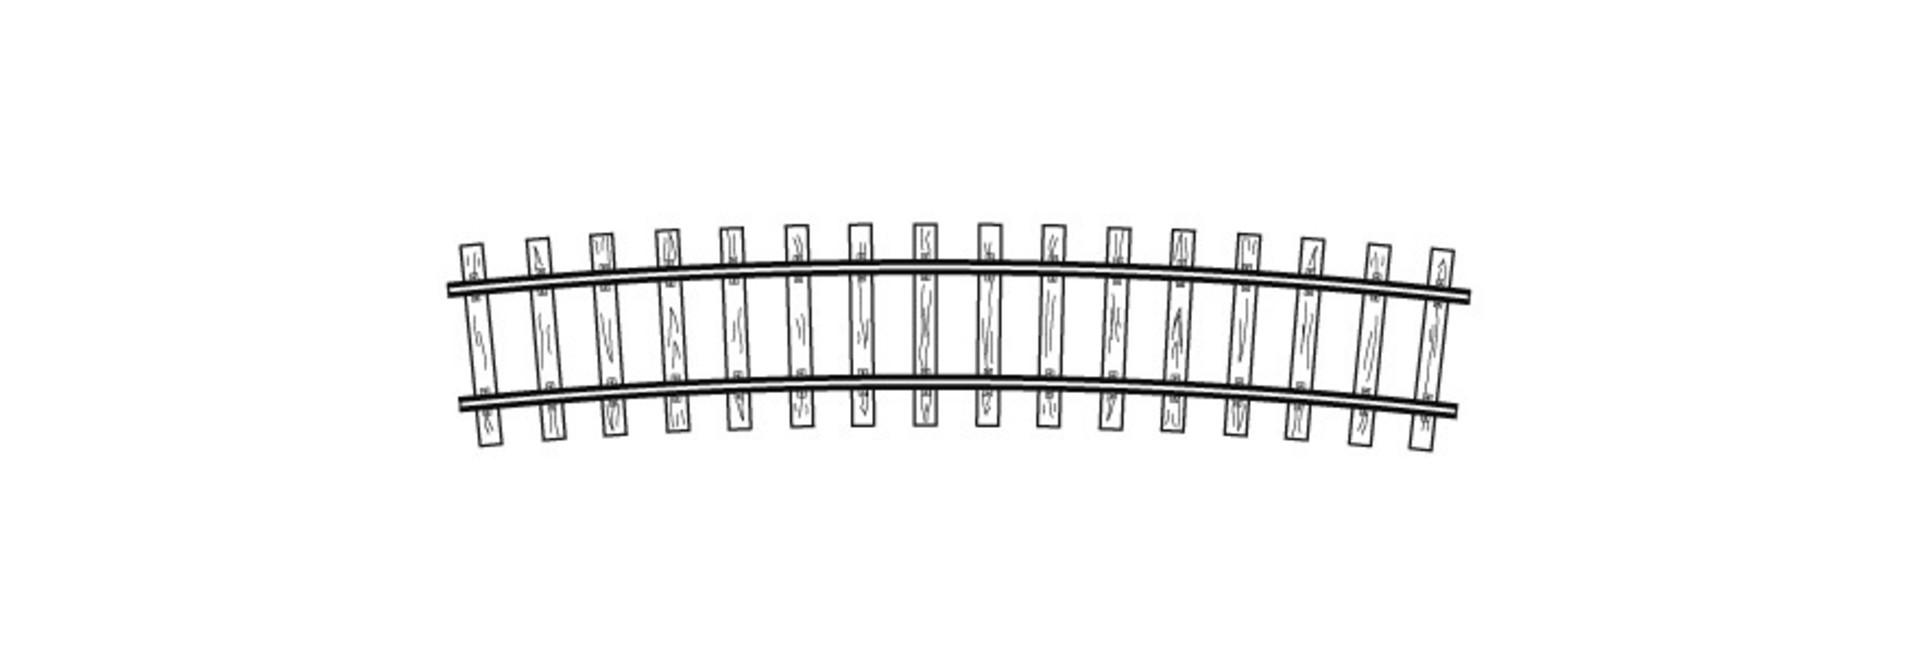 4294557 H0m Code70, gebogenes Gleis, R 520 mm, 12°, VPE 12 Stck.